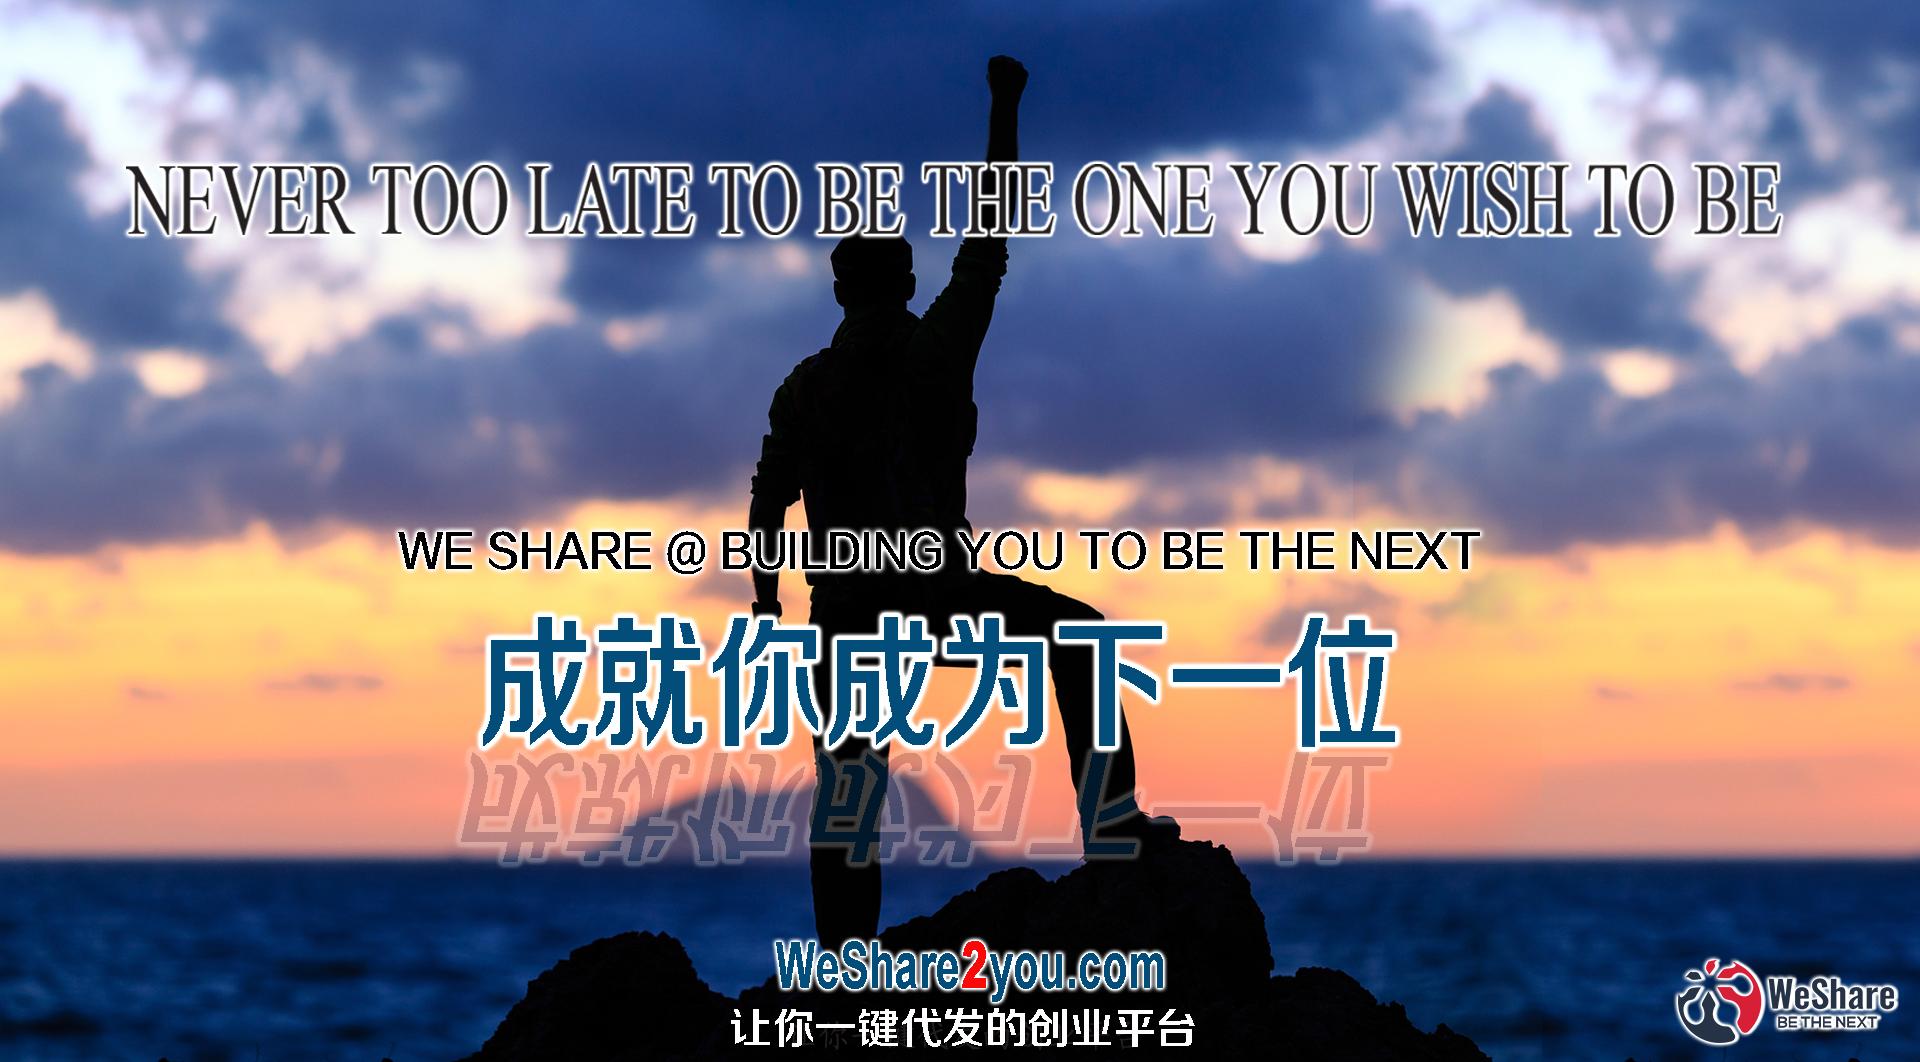 WeShare-banner-bg